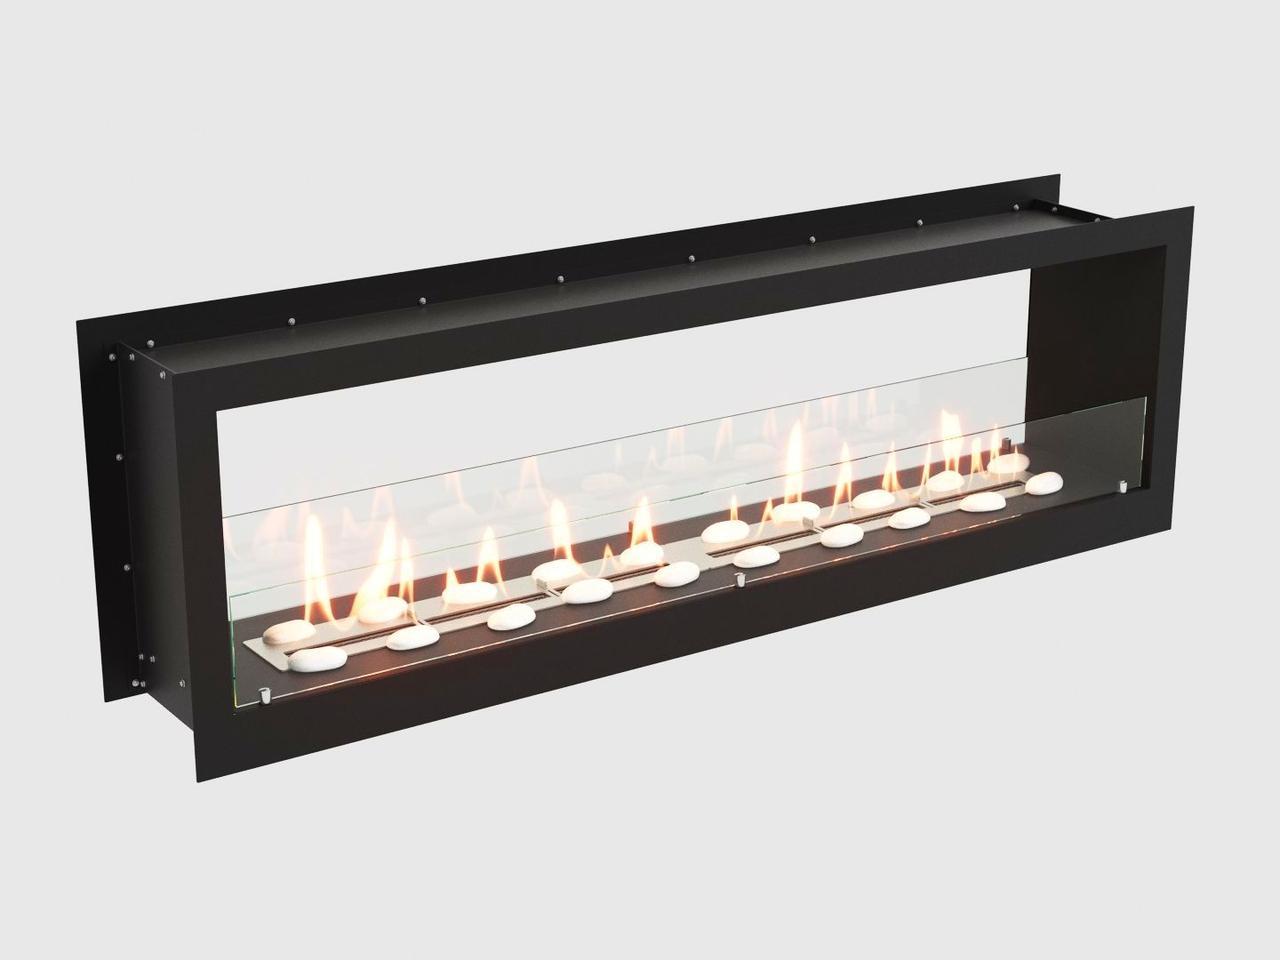 Встроенный биокамин Lux Fire Cквозной 1710 M